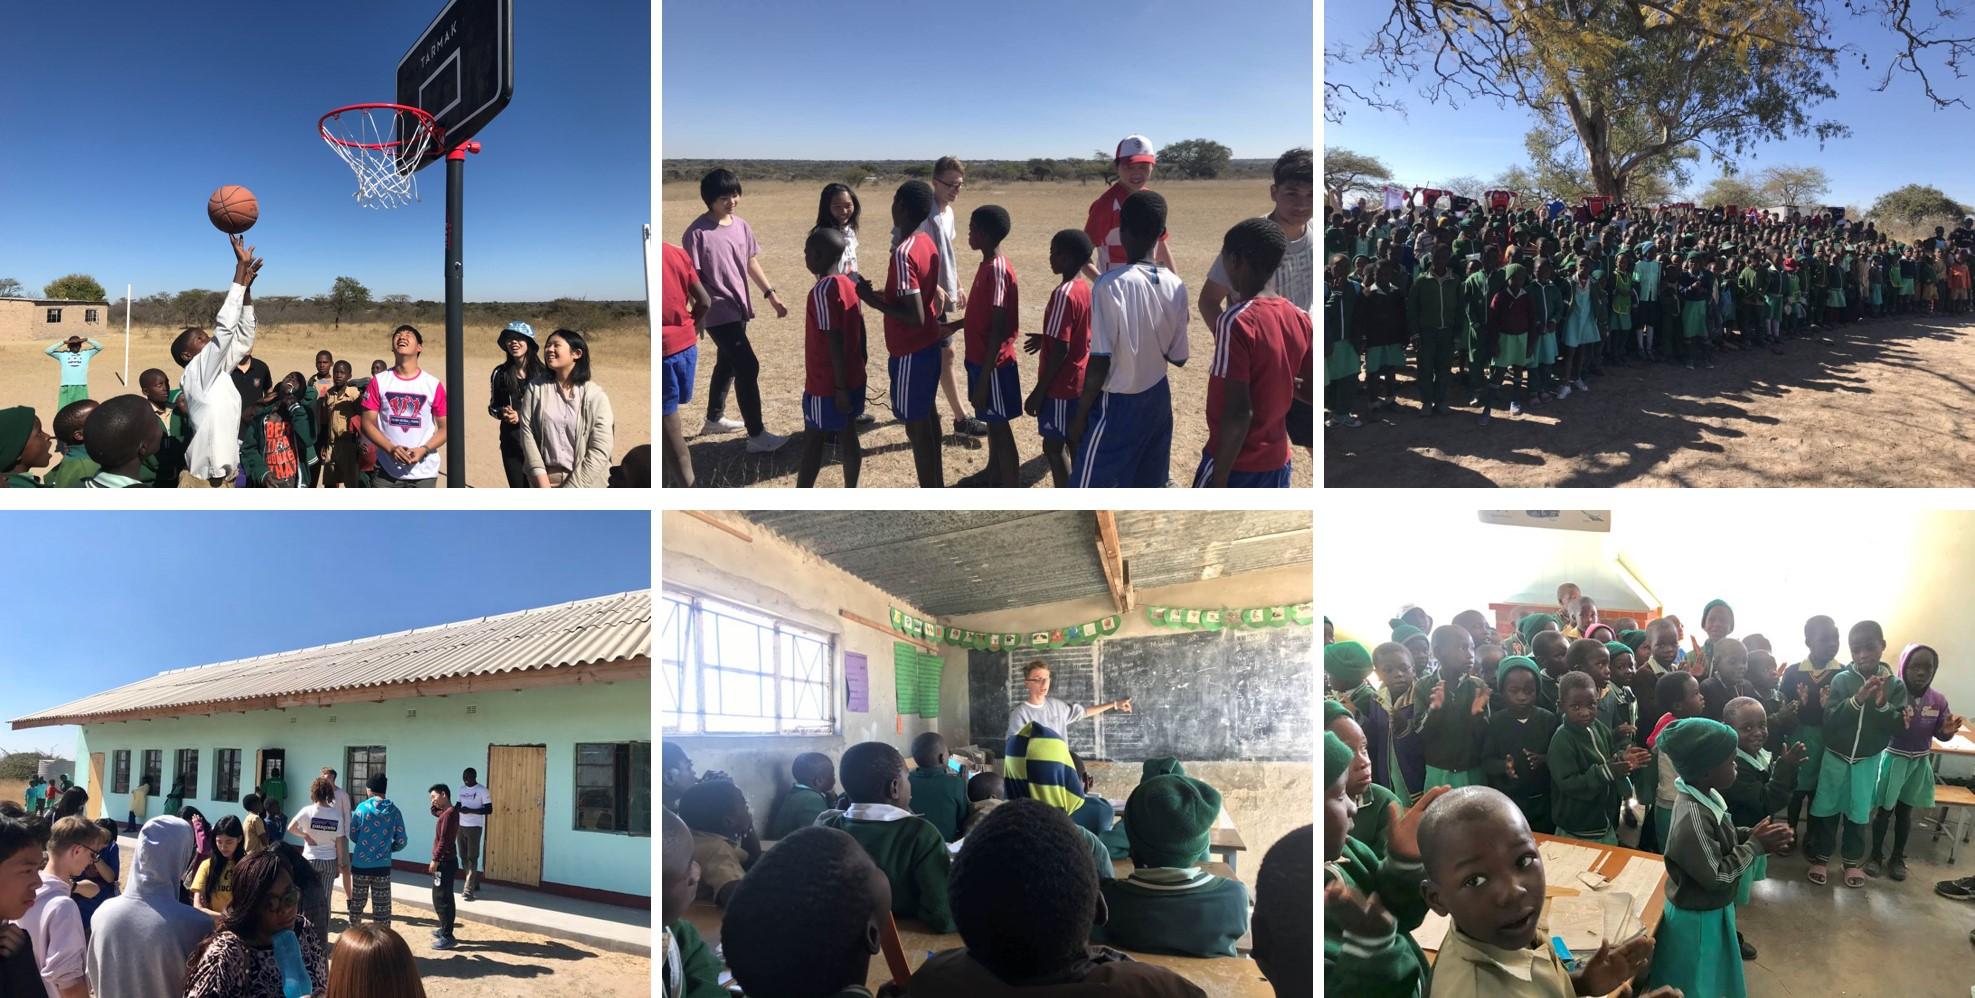 北京德威2019非洲之旅 - 当地学生